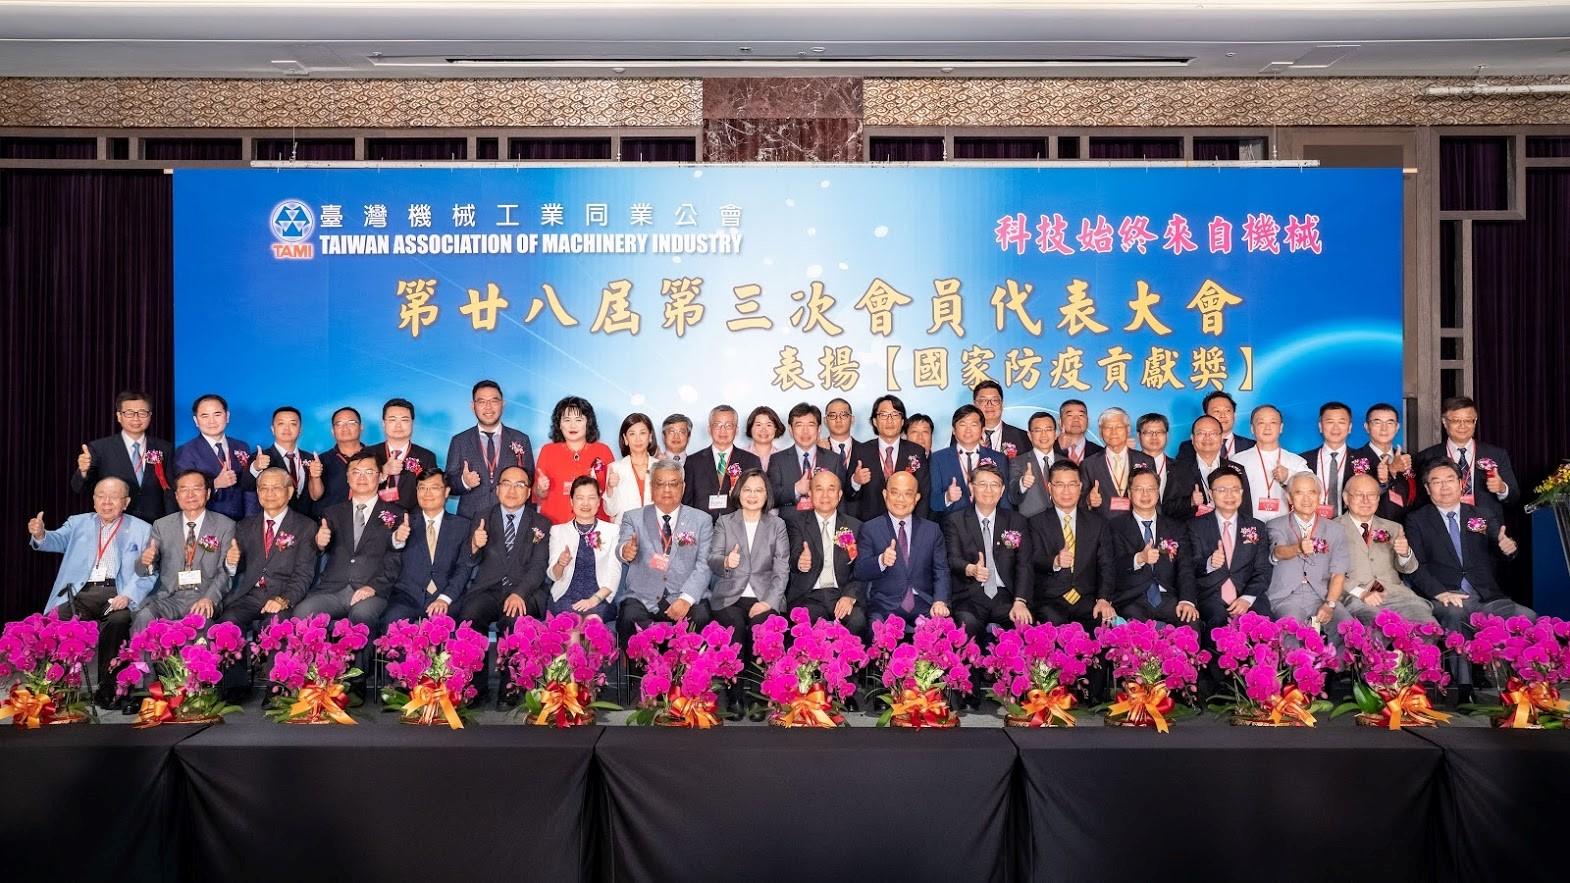 臺灣機械工業同業公會第28屆第3次會員代表大會